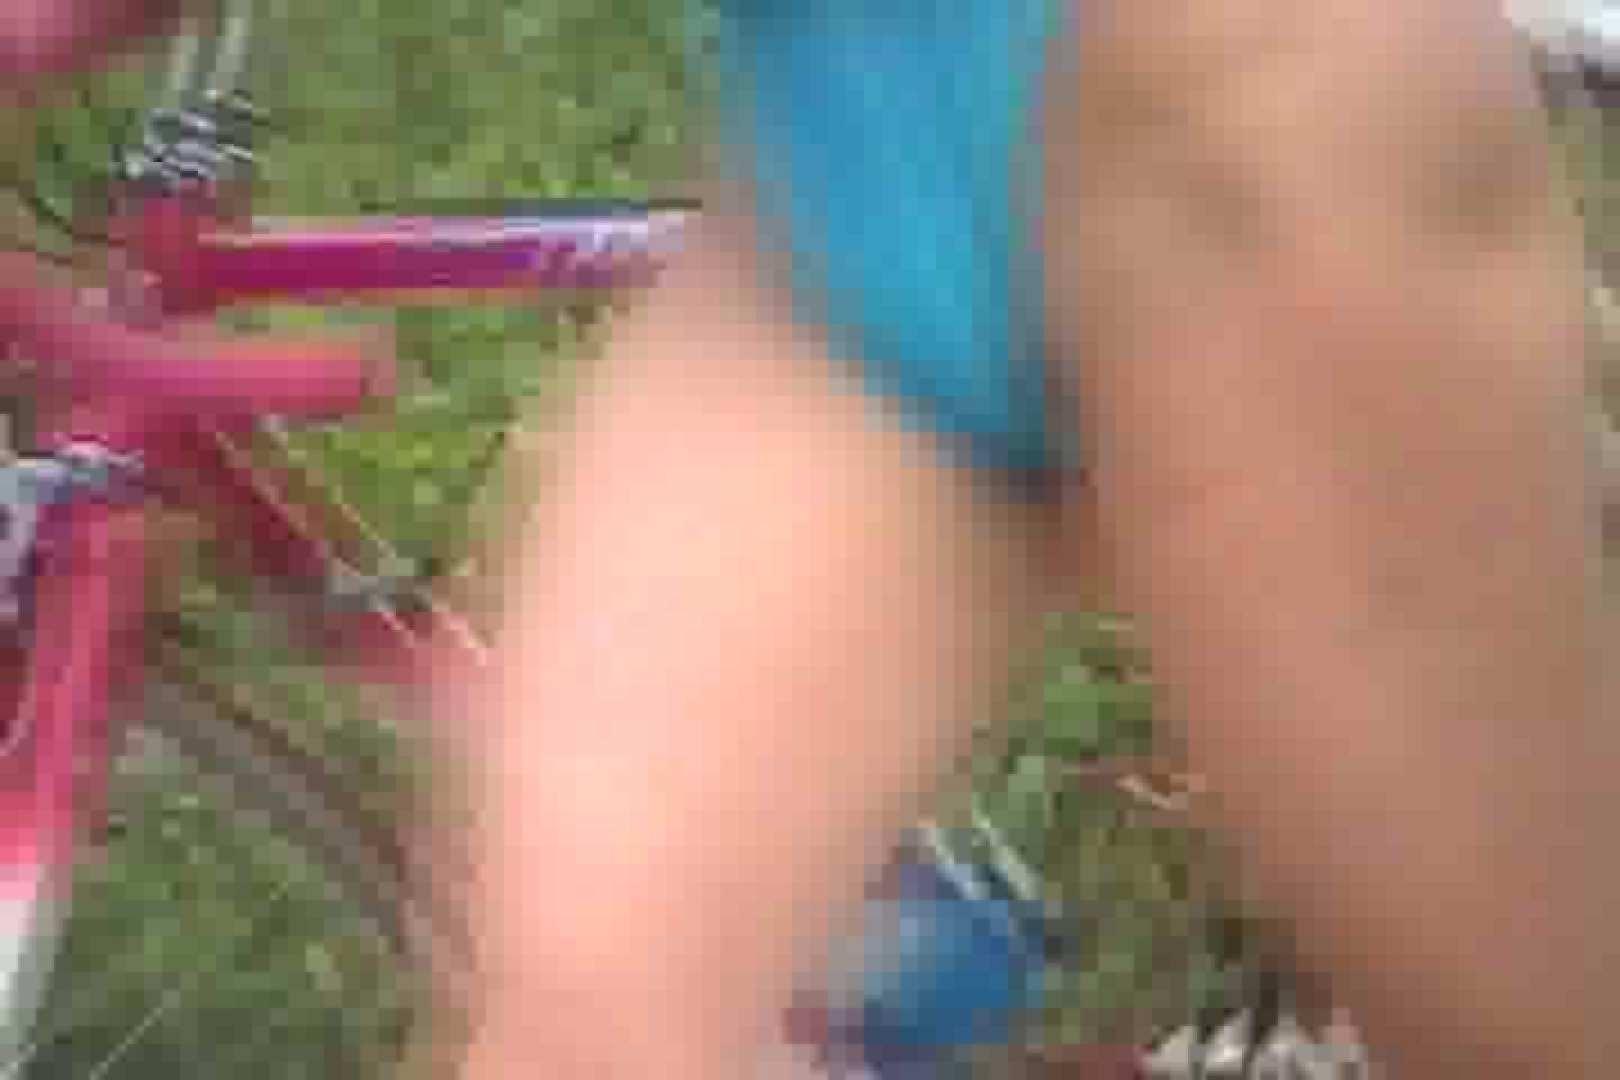 鉄人レース!!トライアスロンに挑む女性達!!Vol.4 乳首 | 貧乳  76PIX 31